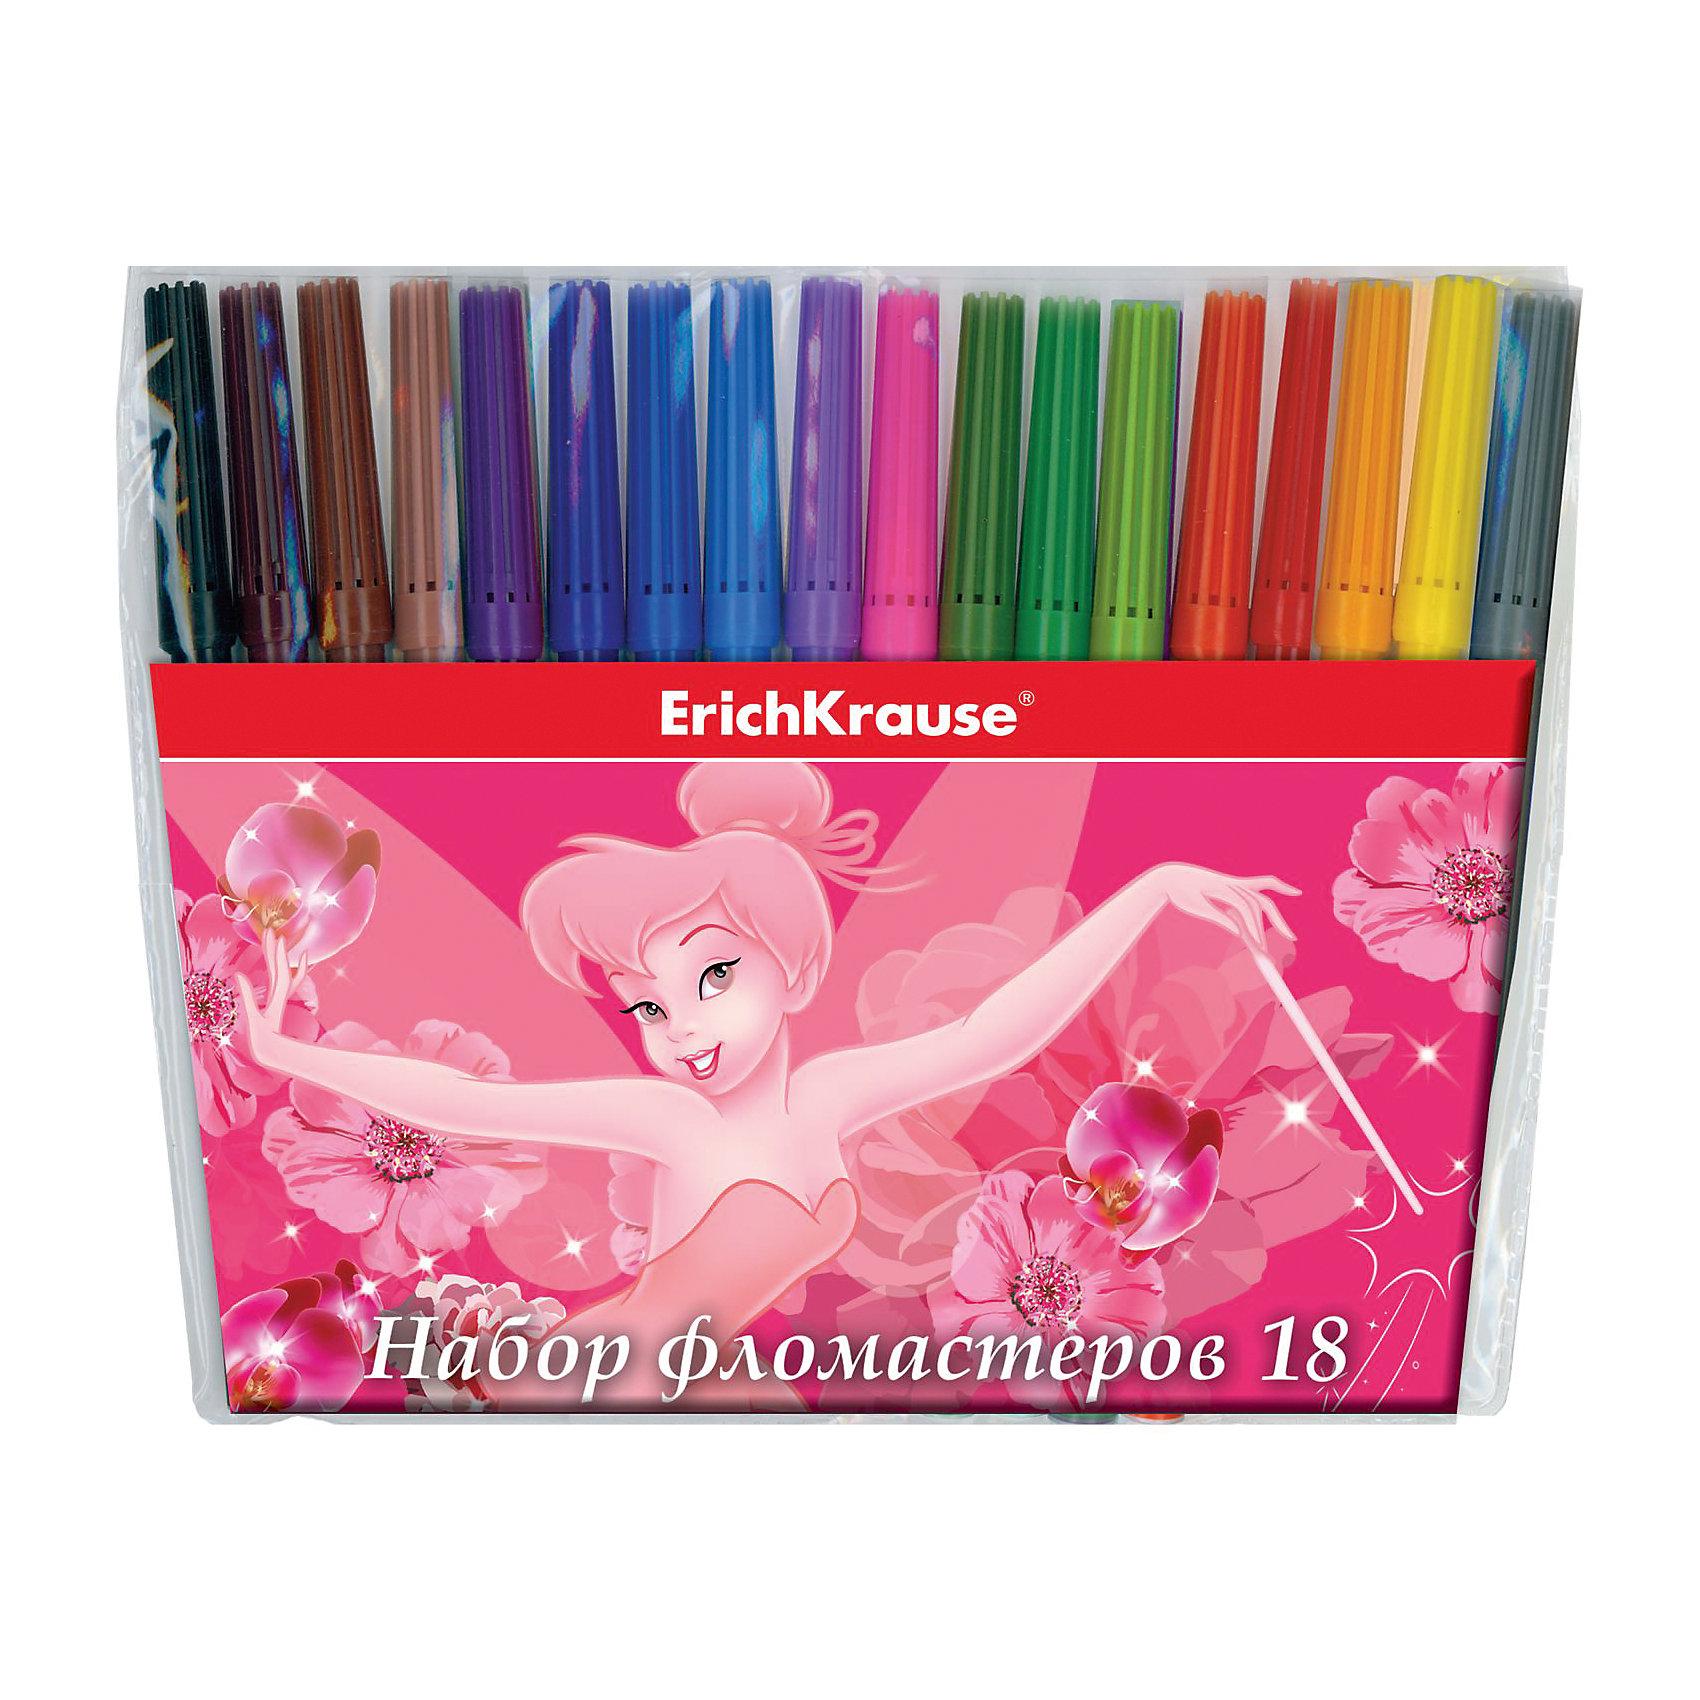 Фломастеры Tink Pink, 18 цветовПисьменные принадлежности<br>Характеристики товара:<br><br>• материал упаковки: пластик <br>• количество цветов: 18<br>• вентилируемый колпачок<br>• возраст: от 3 лет<br>• габариты упаковки: 17,9х17,2х1,2 см<br>• вес: 123 г<br>• страна производитель: Россия<br><br>Здоровое развитие ребенка невозможно без включения творческой программы в его дошкольное обучение. Рисование фломастерами – отличная возможность развить в малыше фантазию и нестандартное мышление. У фломастеров вентилируемый колпачок в целях безопасности.<br><br>Фломастеры Tink Pink, 18 цветов, можно купить в нашем интернет-магазине.<br><br>Ширина мм: 179<br>Глубина мм: 172<br>Высота мм: 12<br>Вес г: 123<br>Возраст от месяцев: 36<br>Возраст до месяцев: 2147483647<br>Пол: Женский<br>Возраст: Детский<br>SKU: 5409271